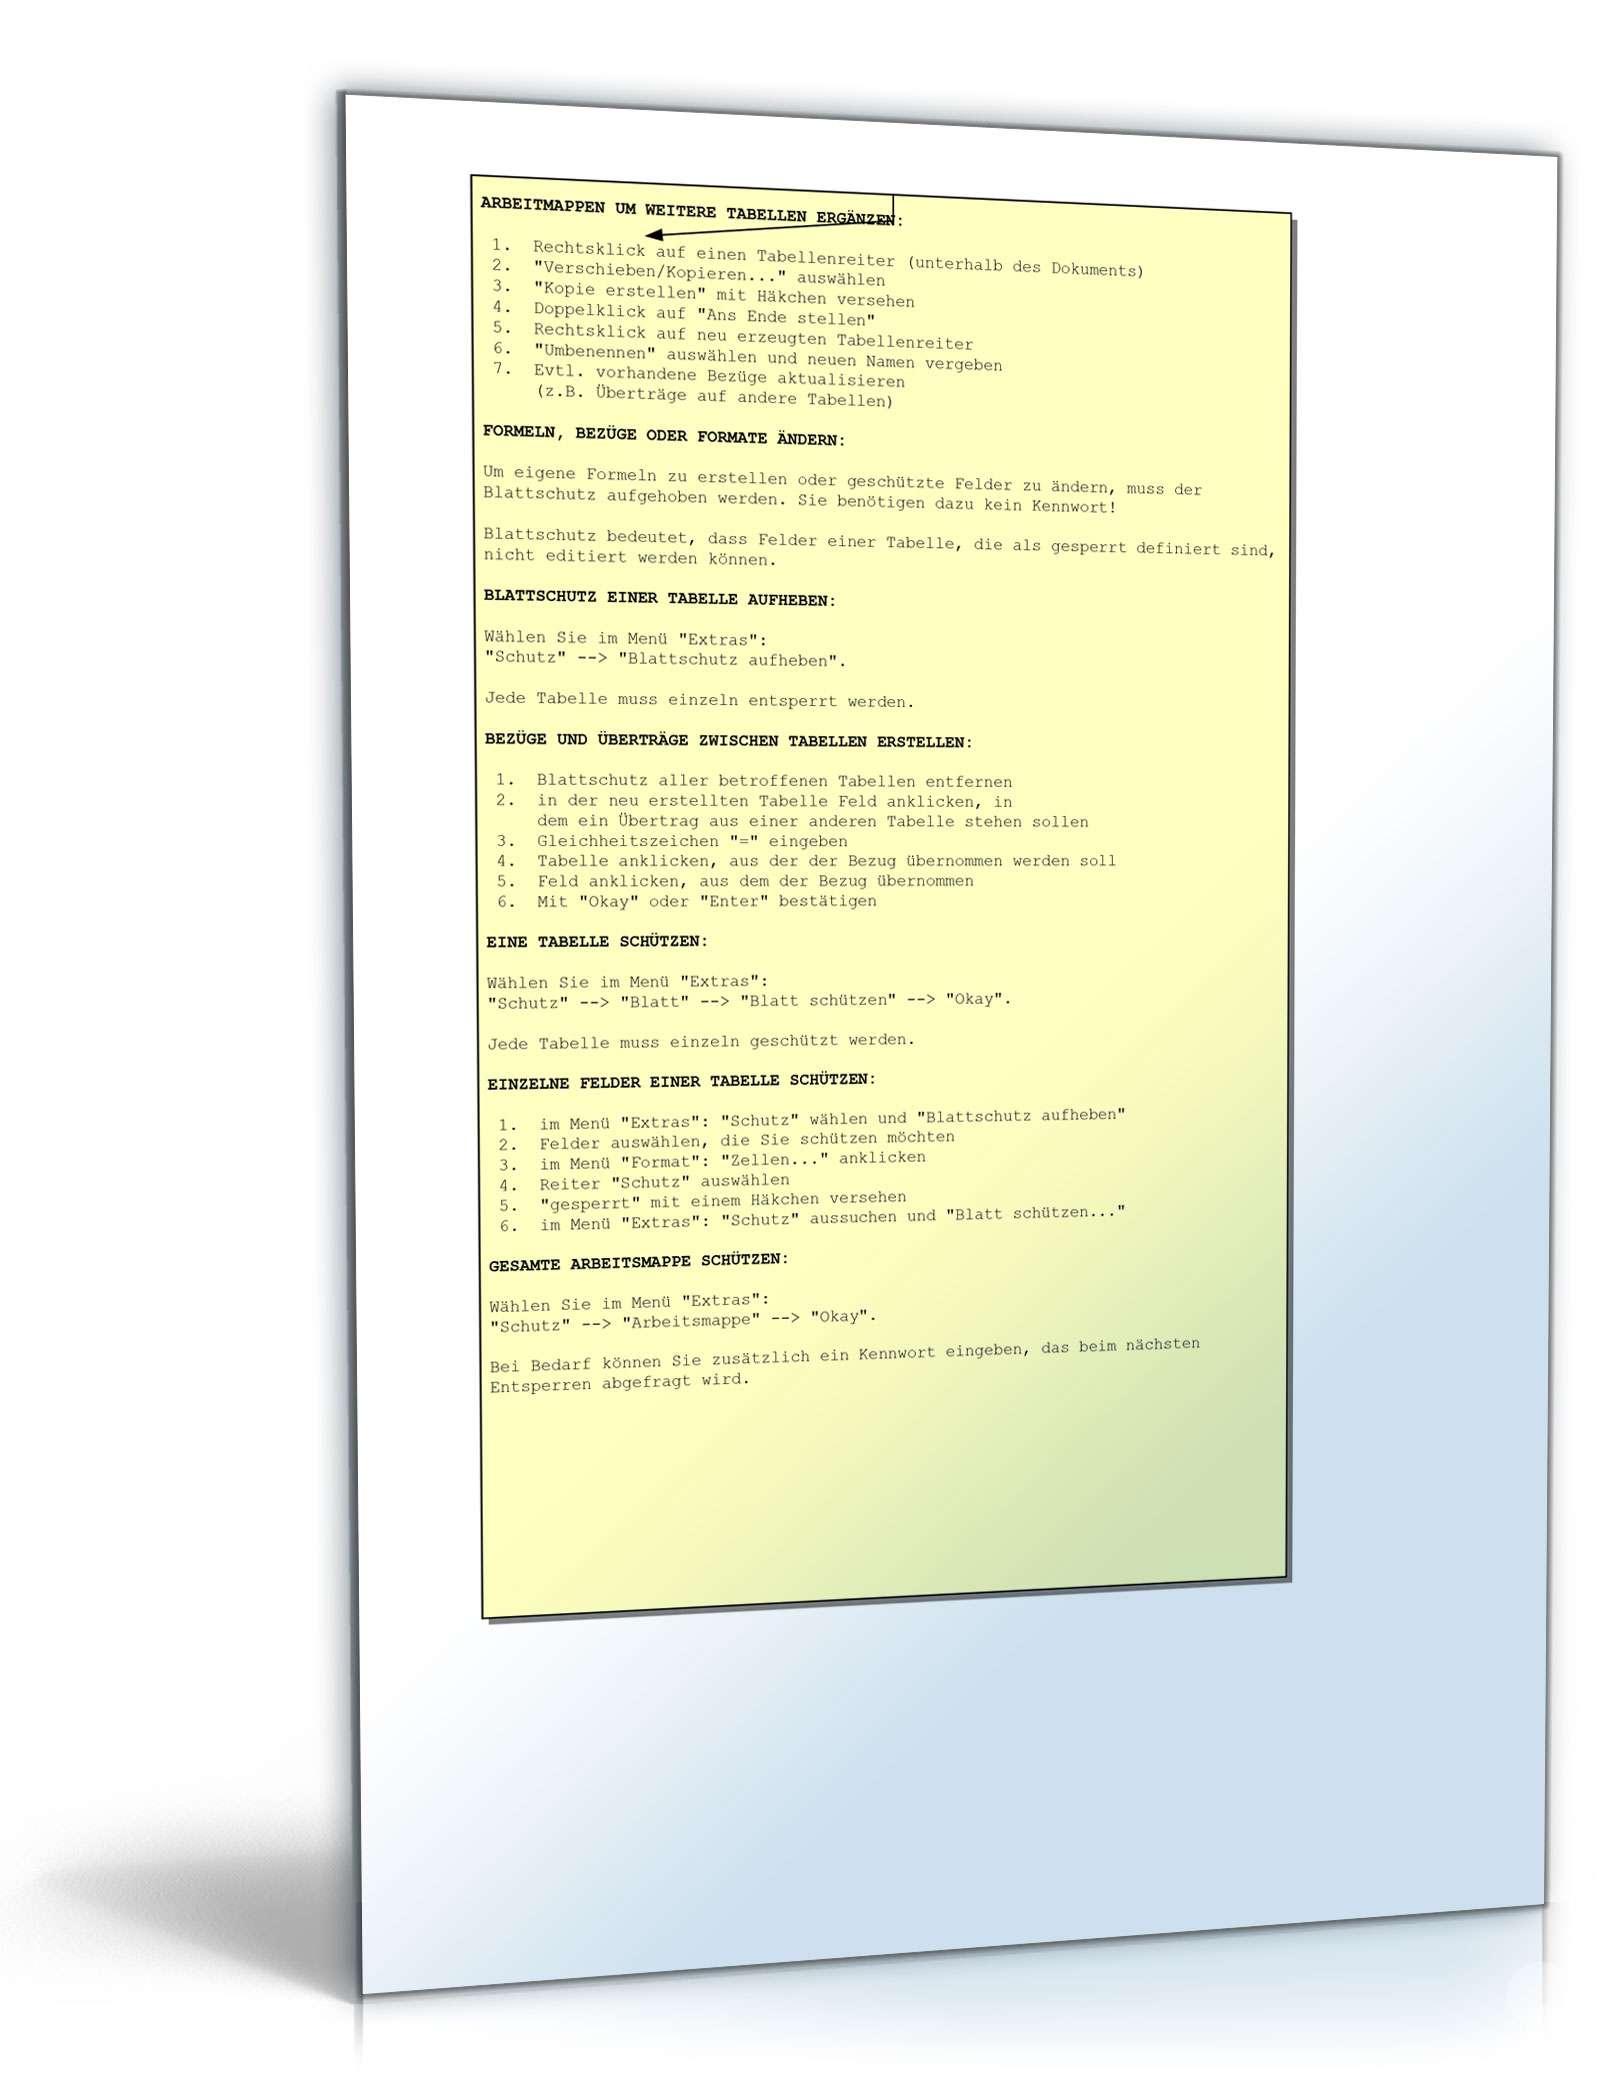 8 rechnungsvorlagen als excel tabelle muster zum download